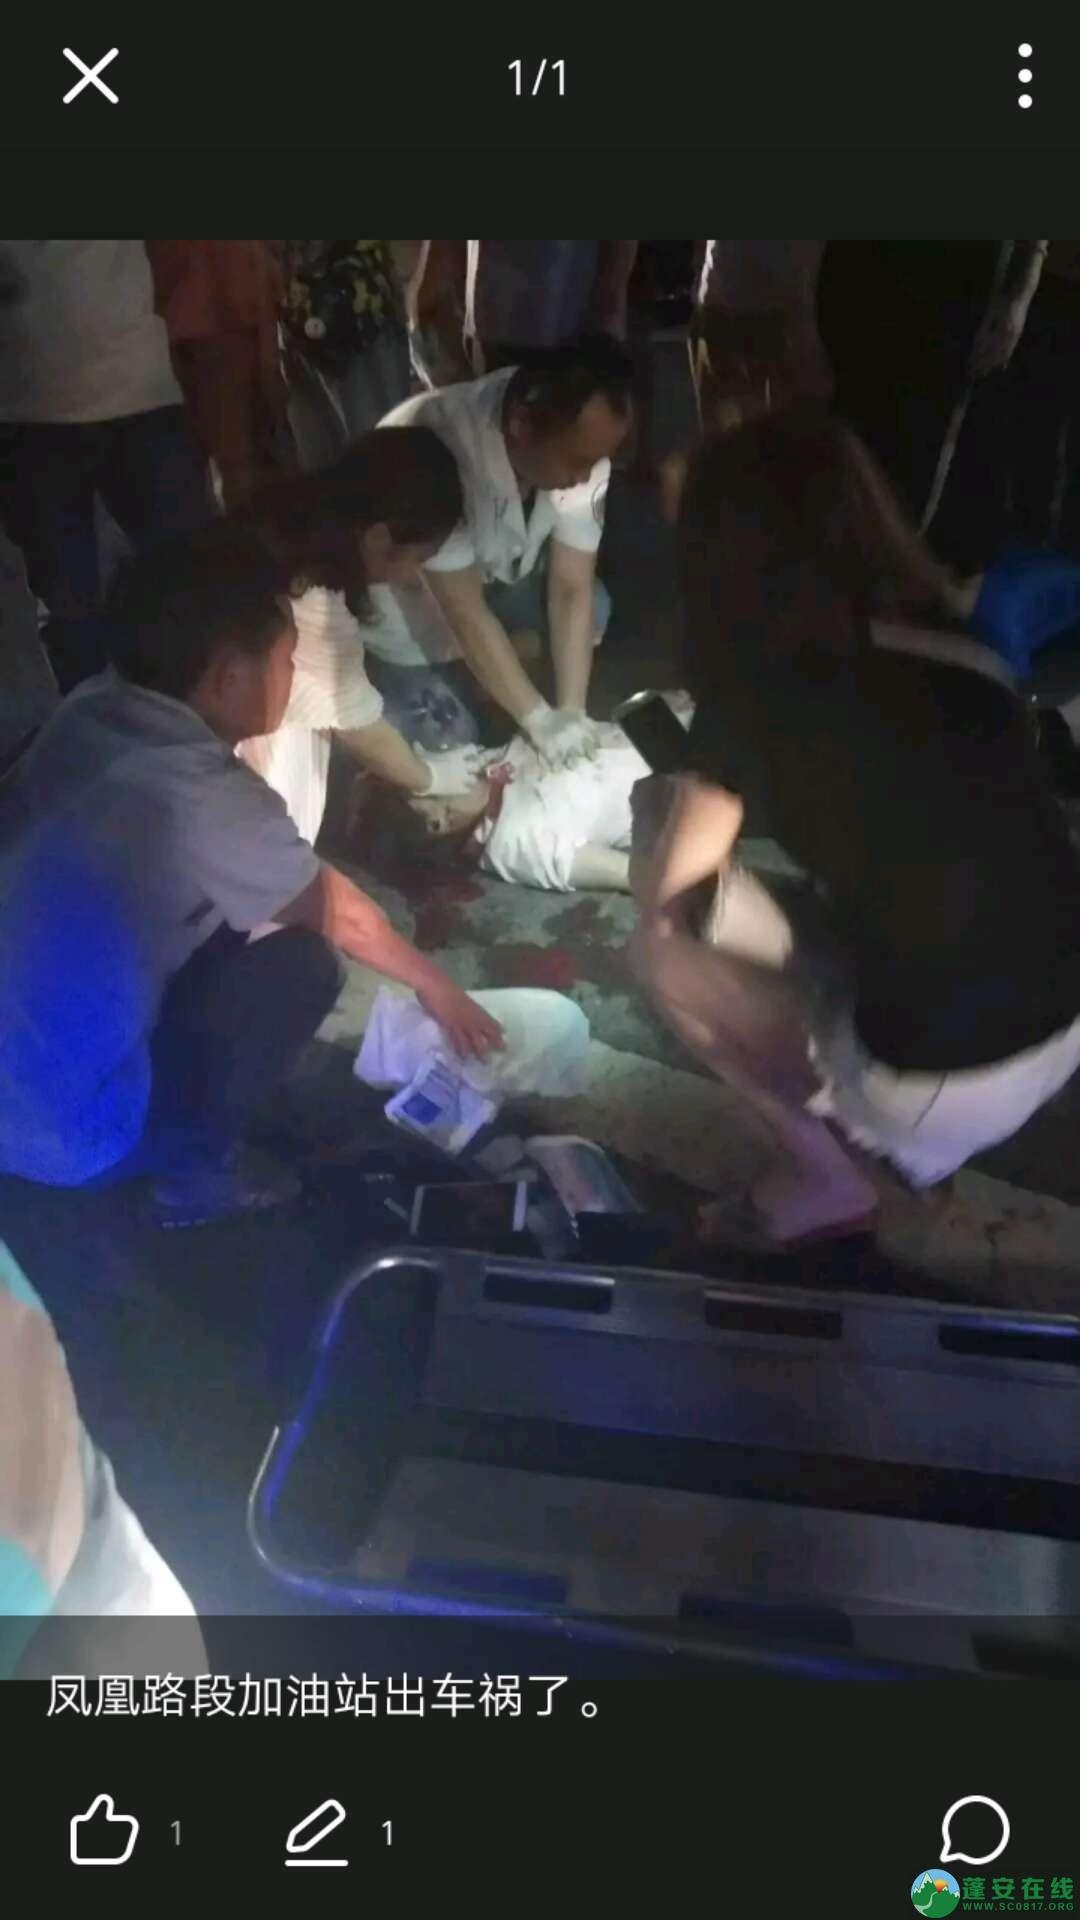 蓬安凤凰大道一交通事故,一女士不幸当场死亡,交警深夜加班加点搜寻逃逸车主 - 第2张  | 蓬安在线